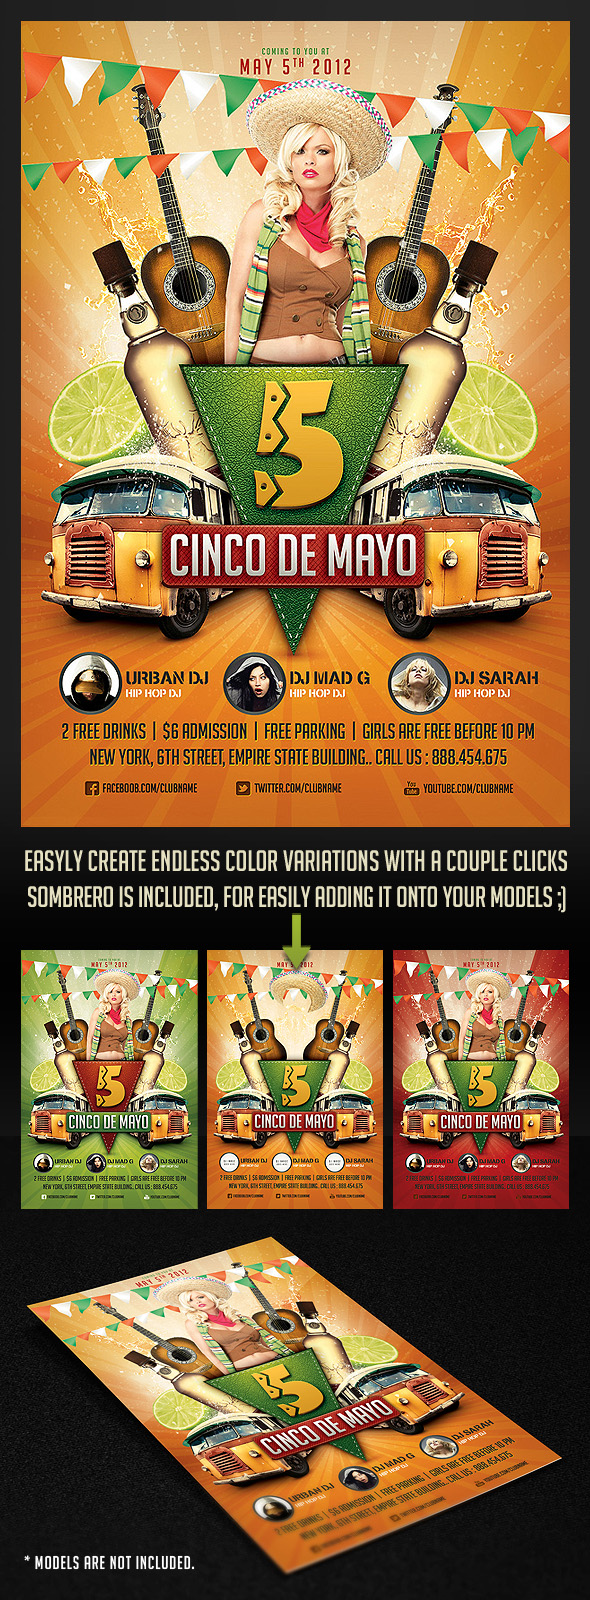 Cinco de Mayo Party Flyer 2 by saltshaker911 590x1600